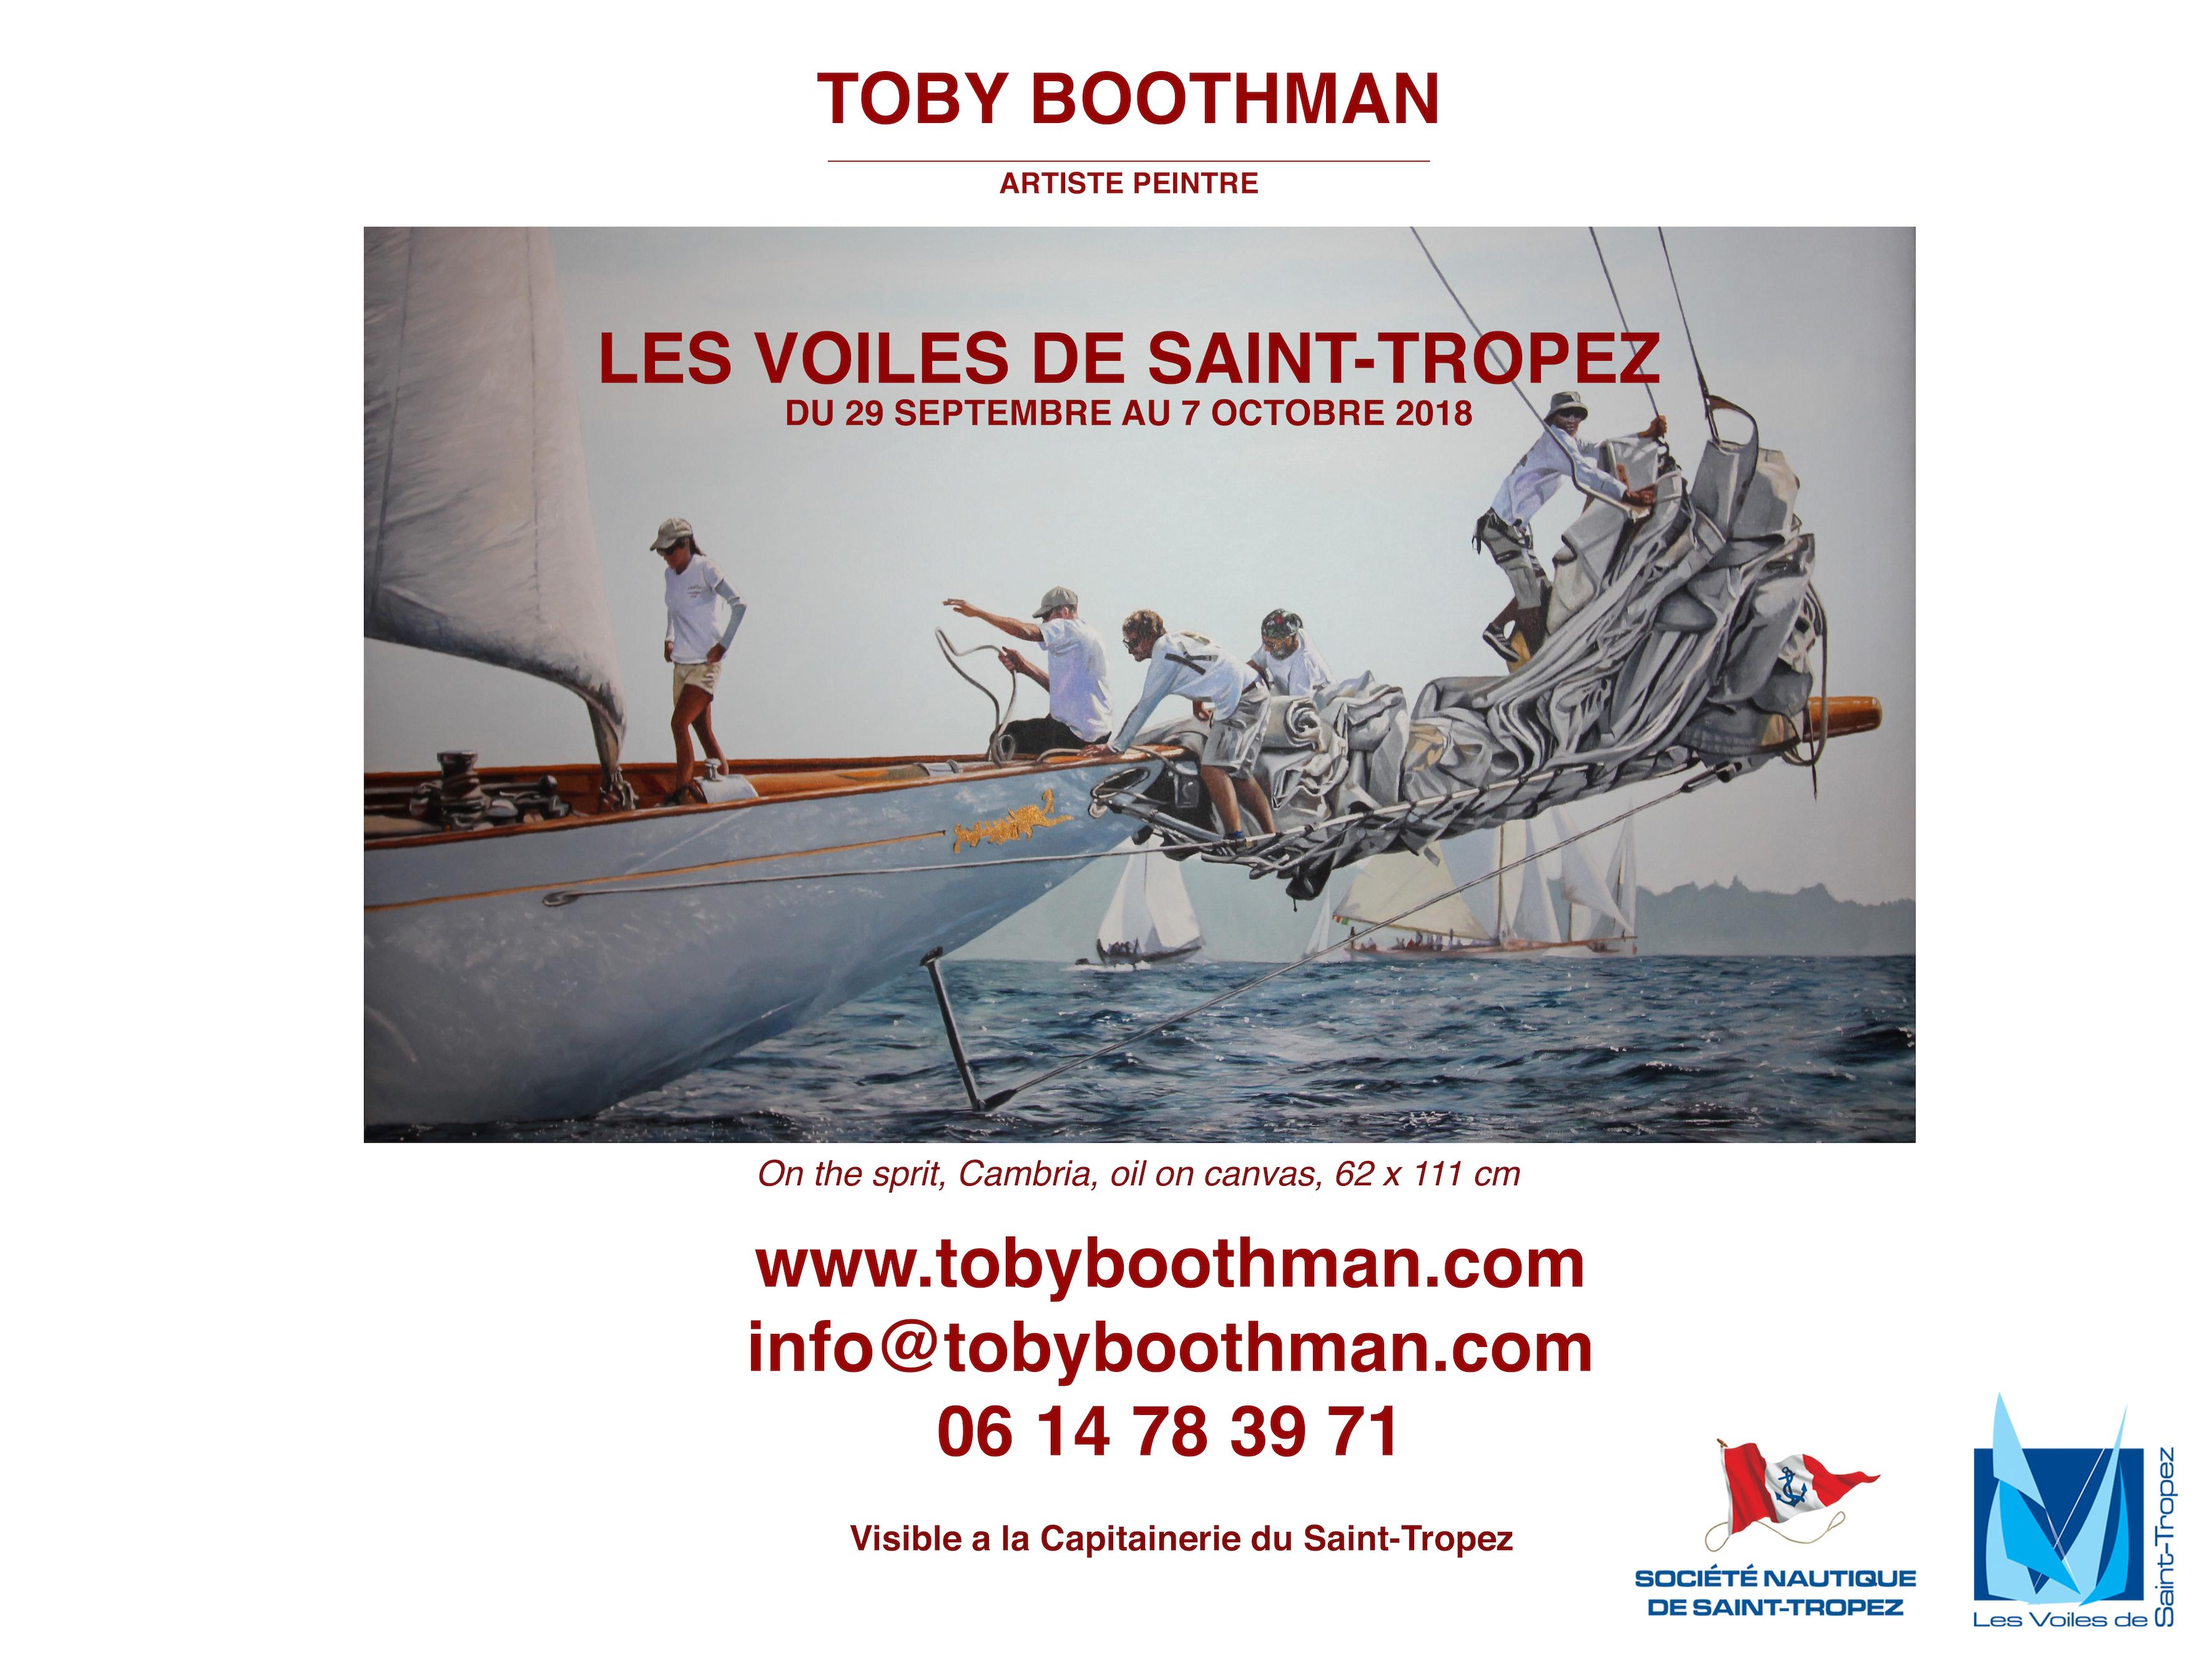 Artiste Peintre St Tropez capitainerie de saint tropez - toby boothman